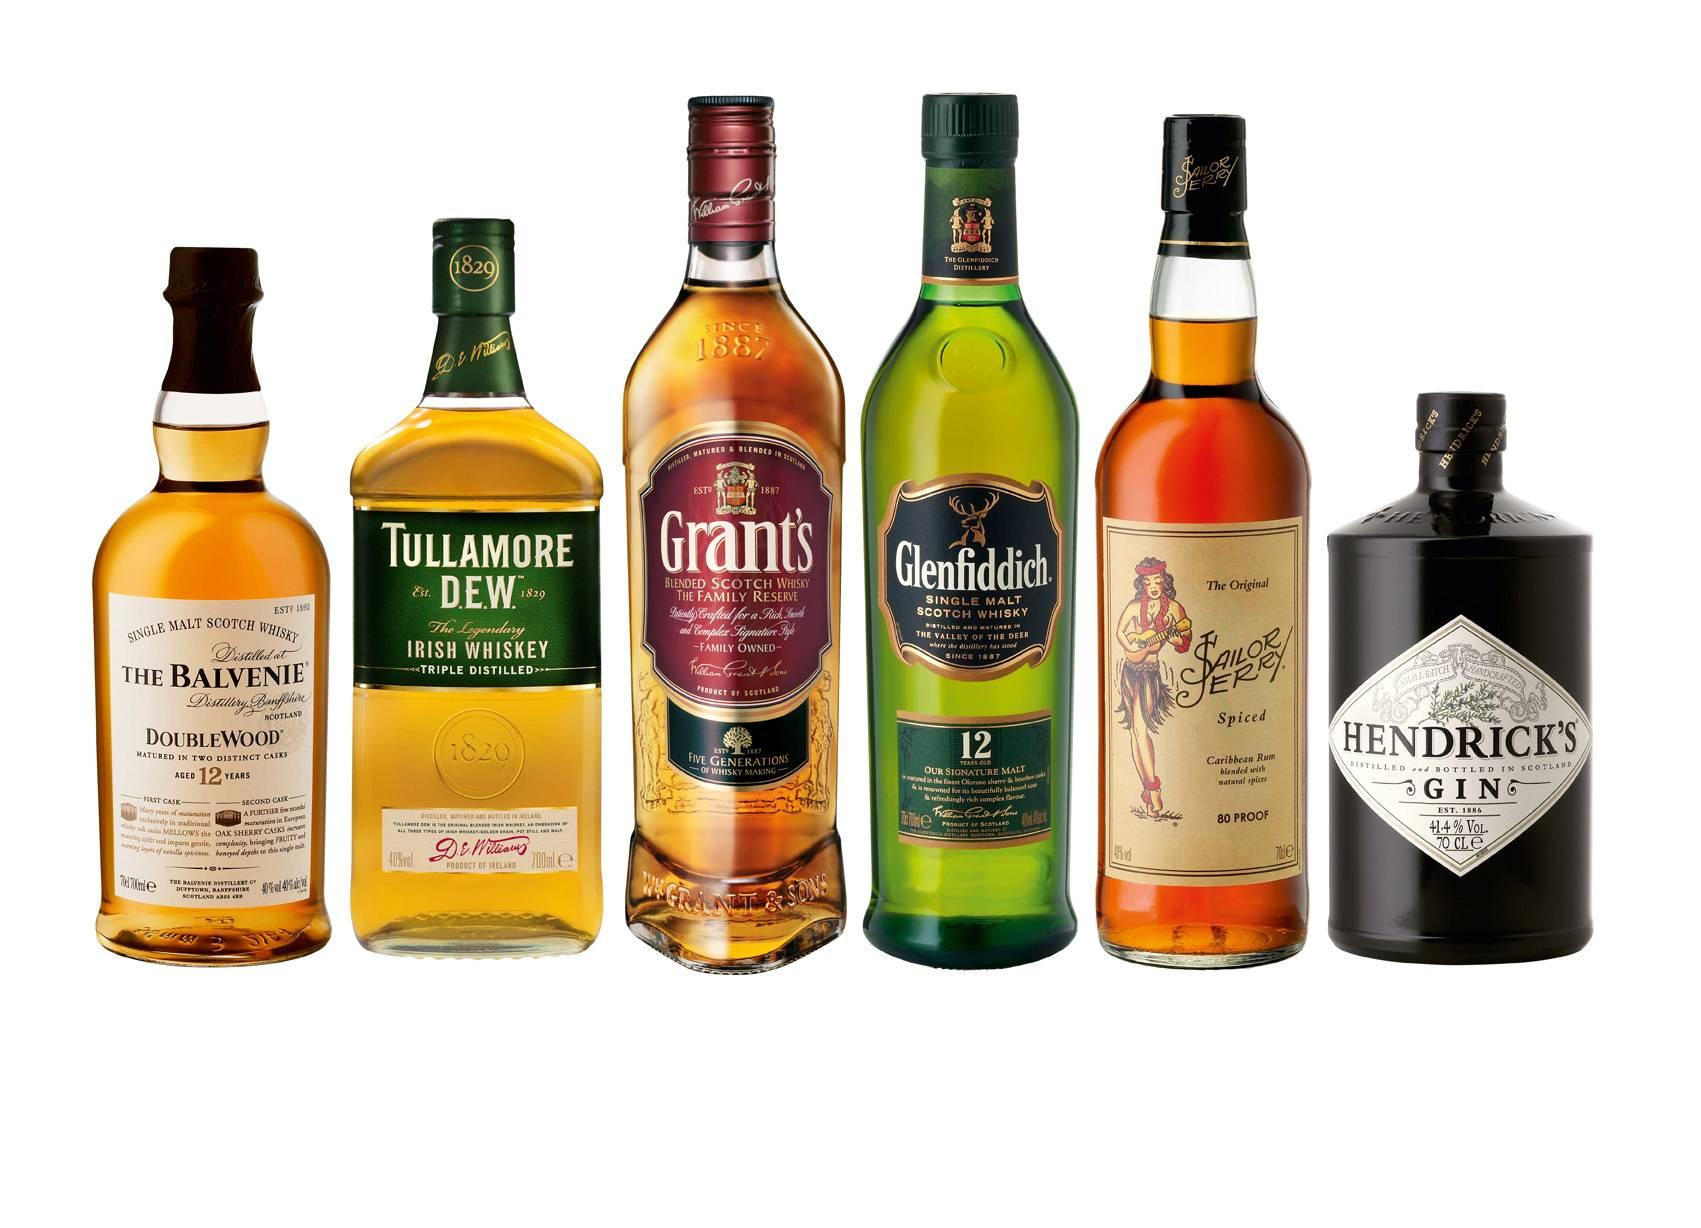 Марки виски: односолодовый, ирландский и другие виды и бренды, список названий самых популярных сортов